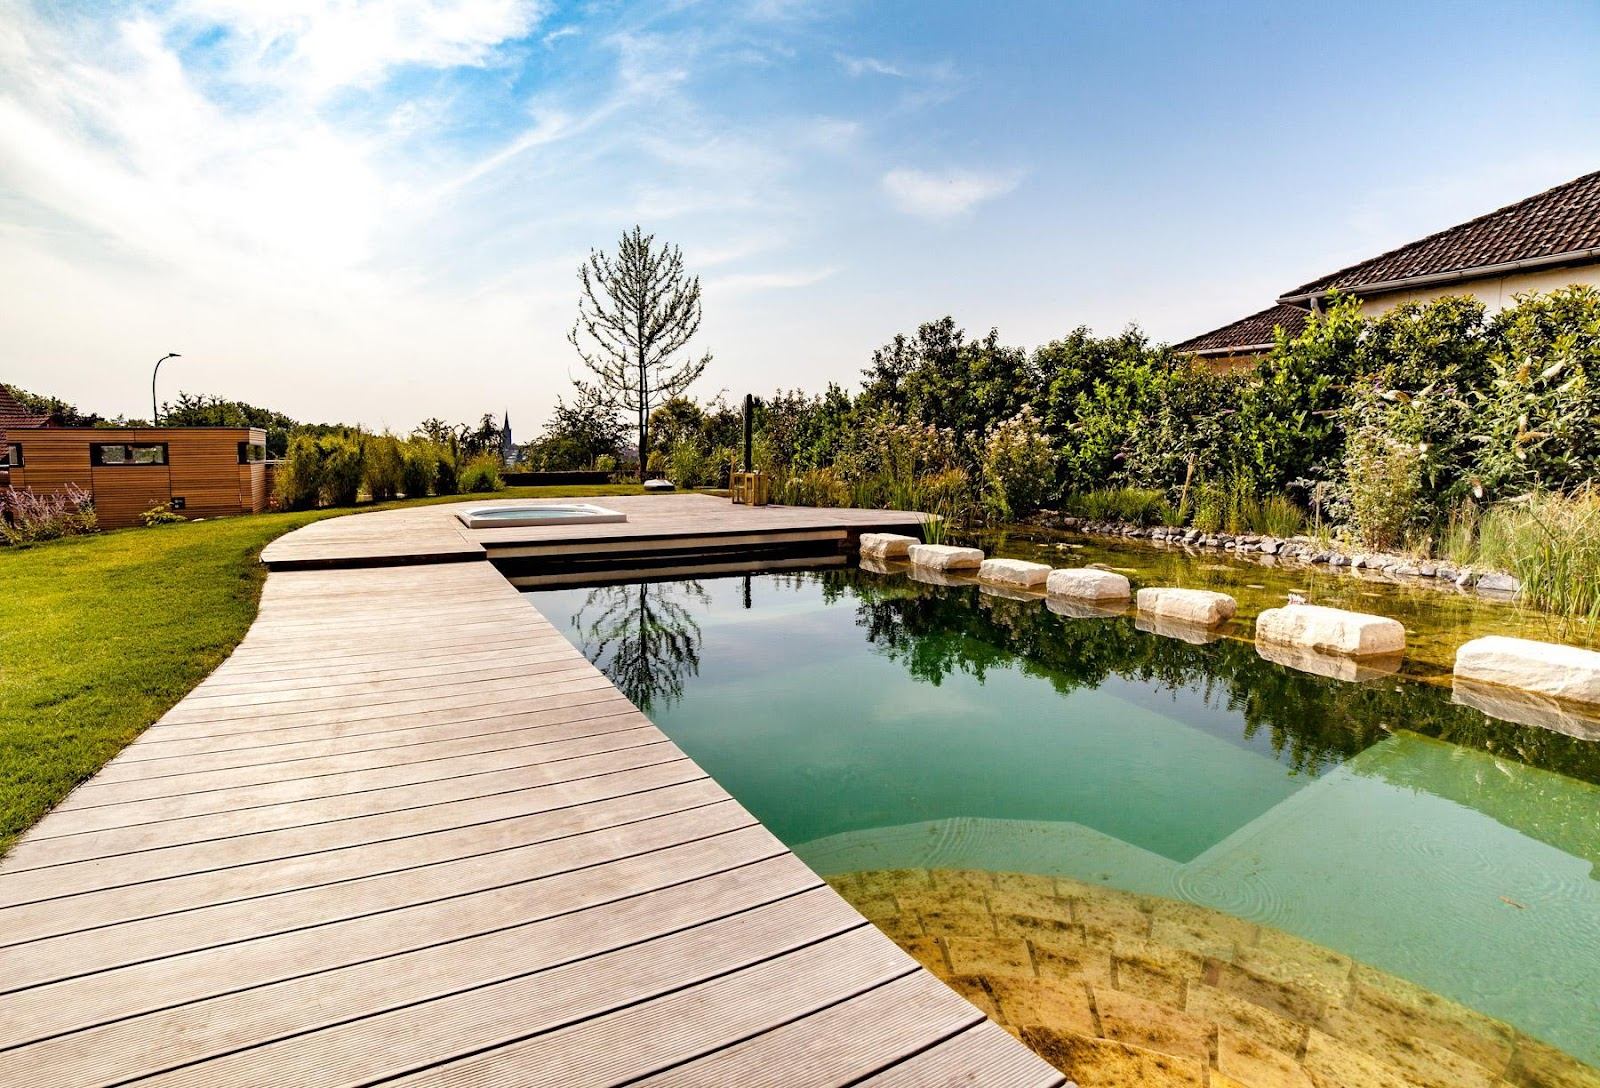 Holzterrasse mit einem integrierten natürlichen Teich